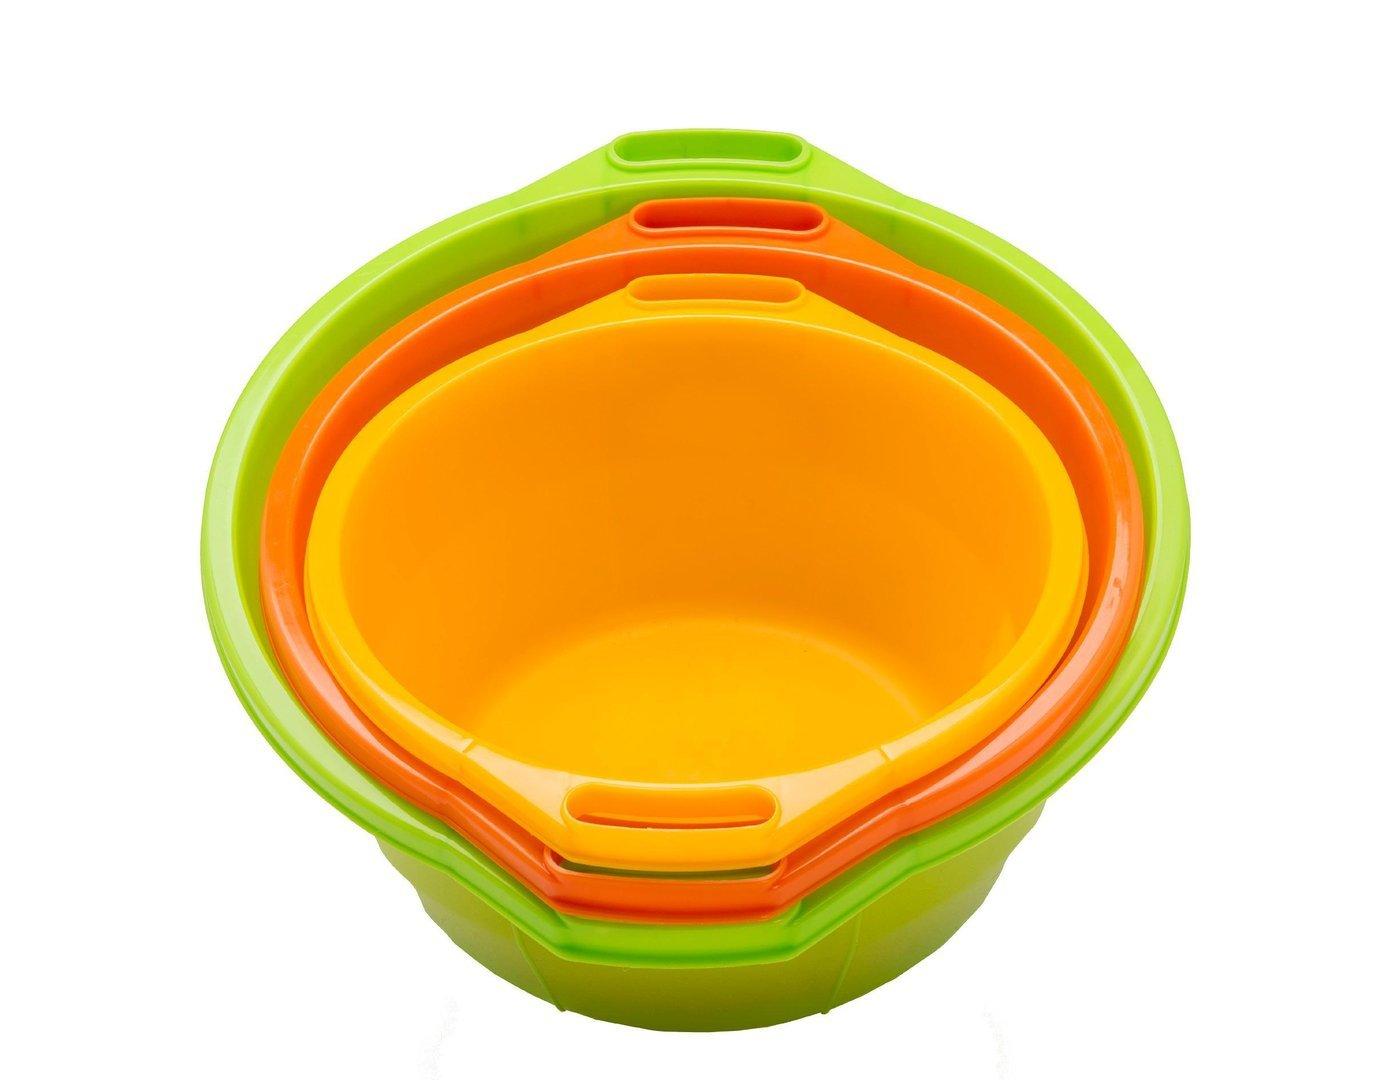 Tosend Servizi sas Bacinella tonda in polietilene dal diametro di 45 cm (lt. 23) – vari colori misure cm 45 x 50 x 21 h